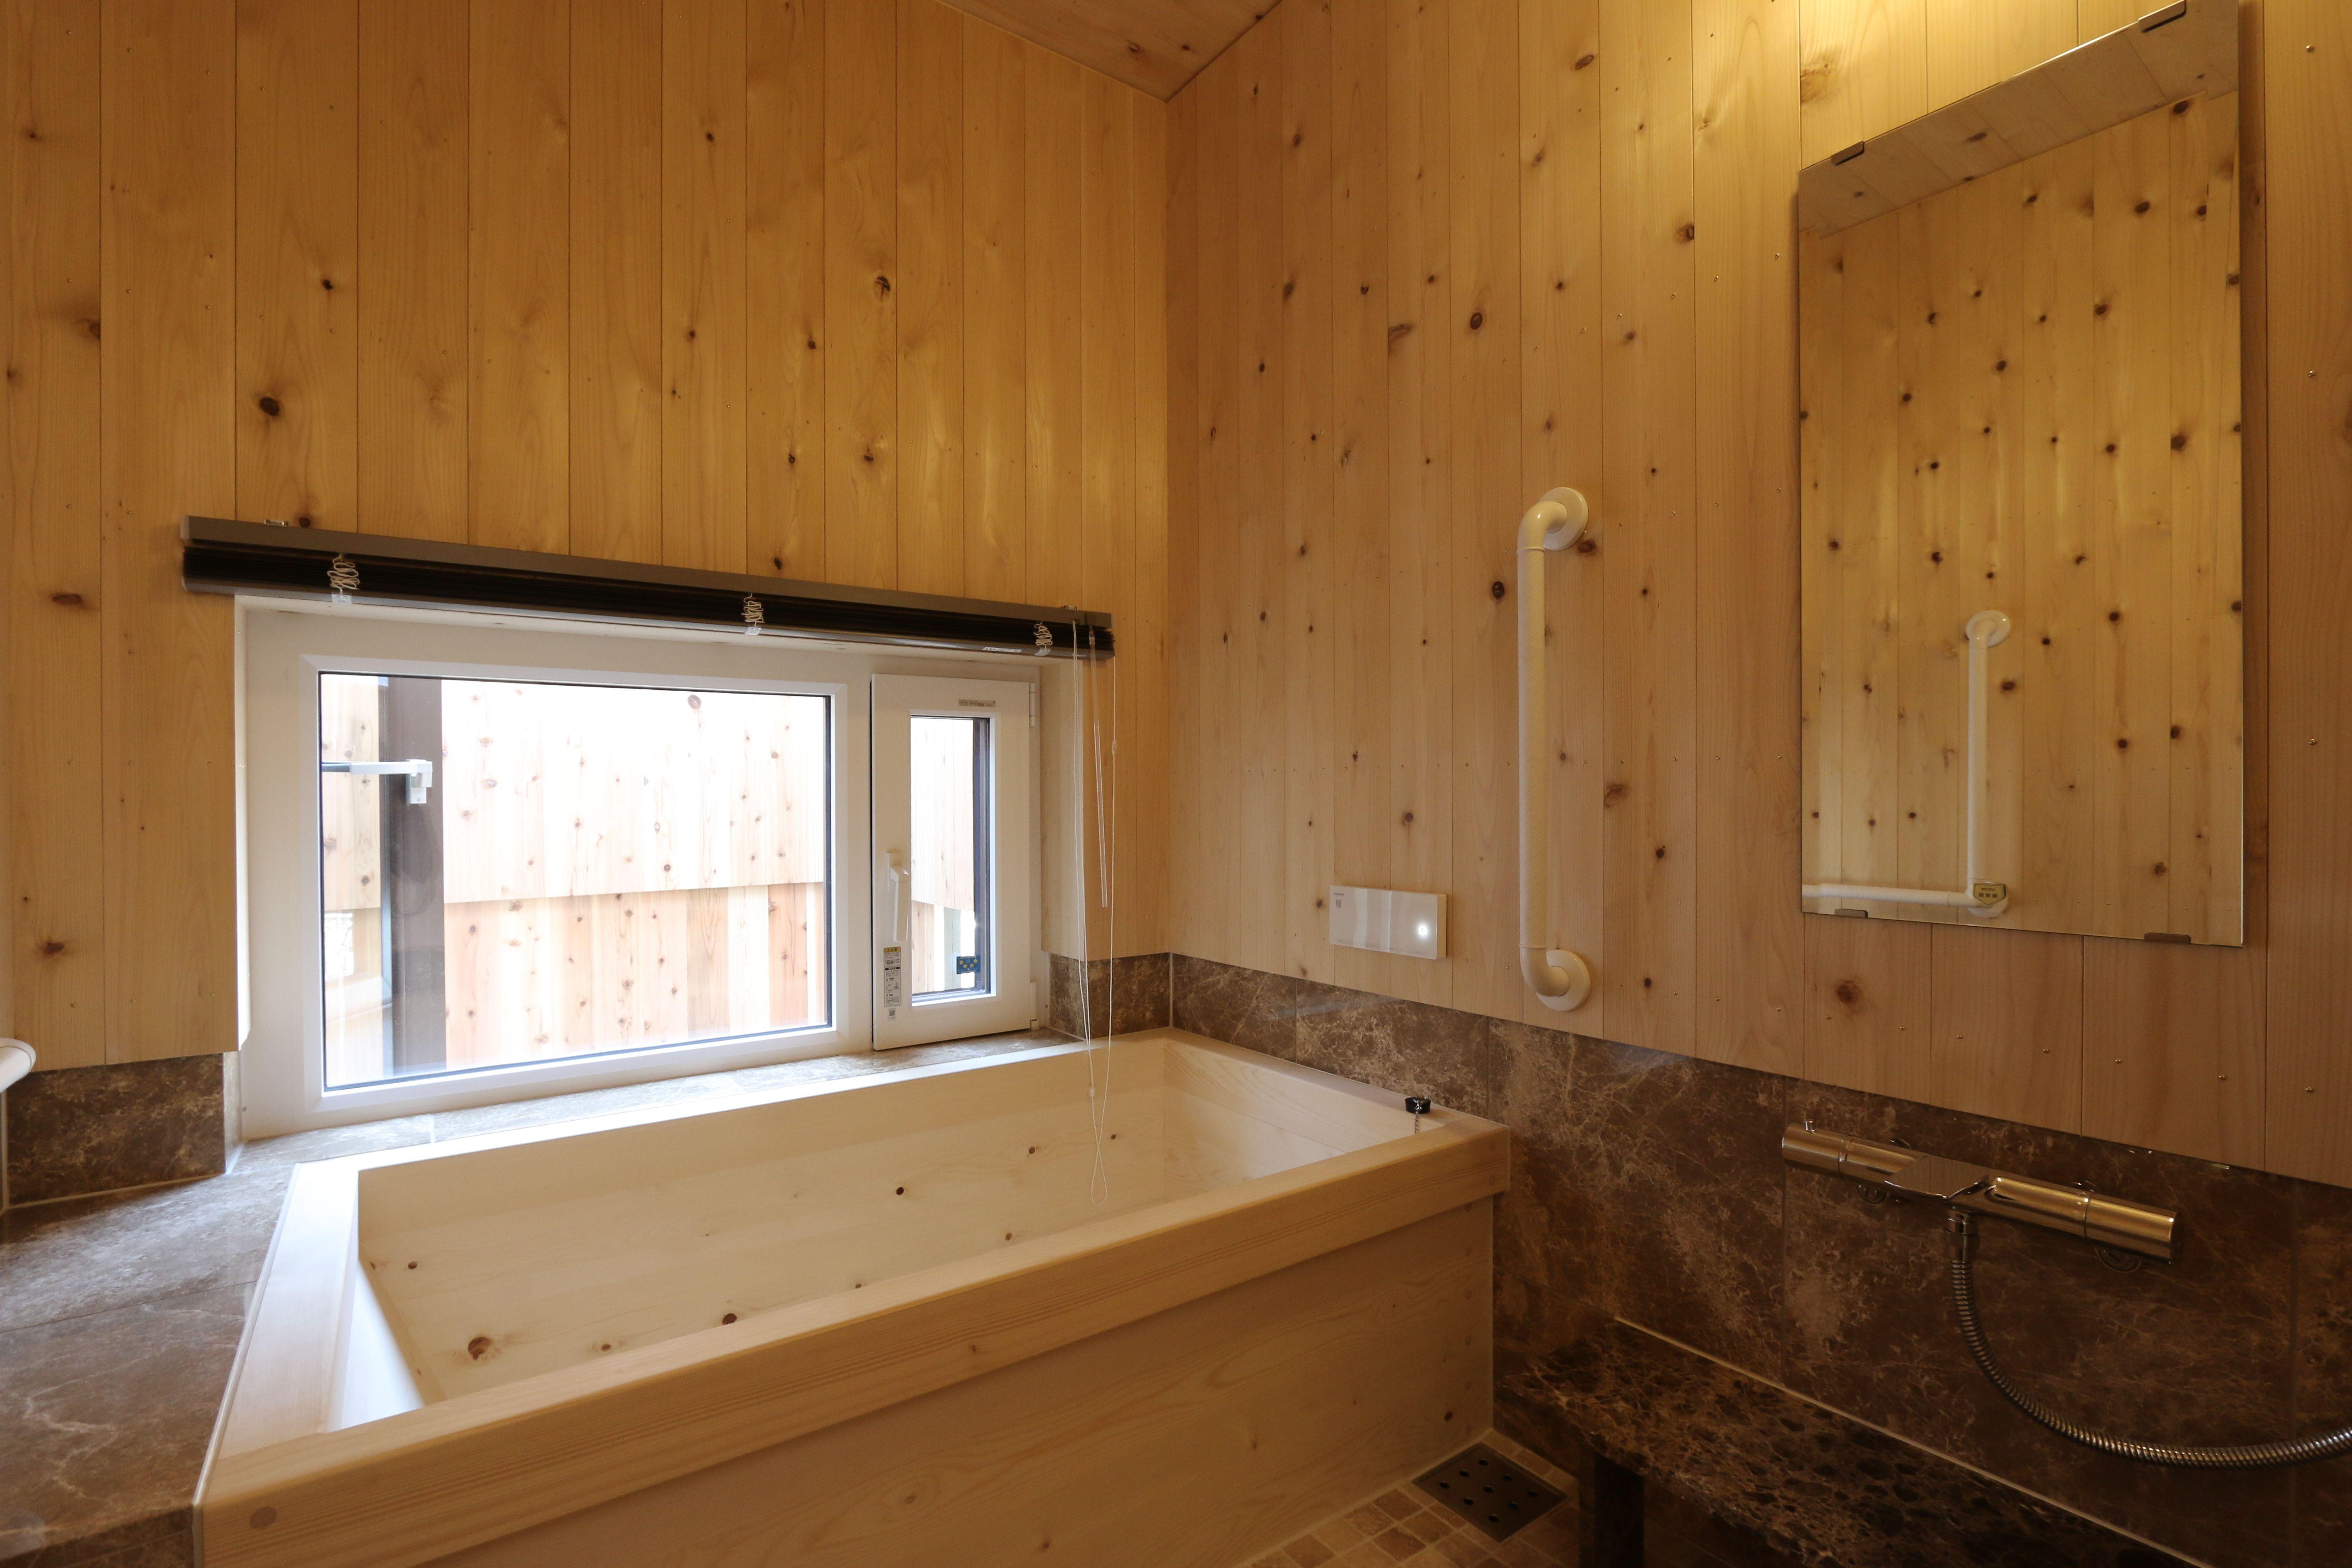 高野槇の木製の浴槽の在来浴室 壁にはブラウンの大理石と能登ヒバを使用 木製浴槽 浴室 壁 浴槽